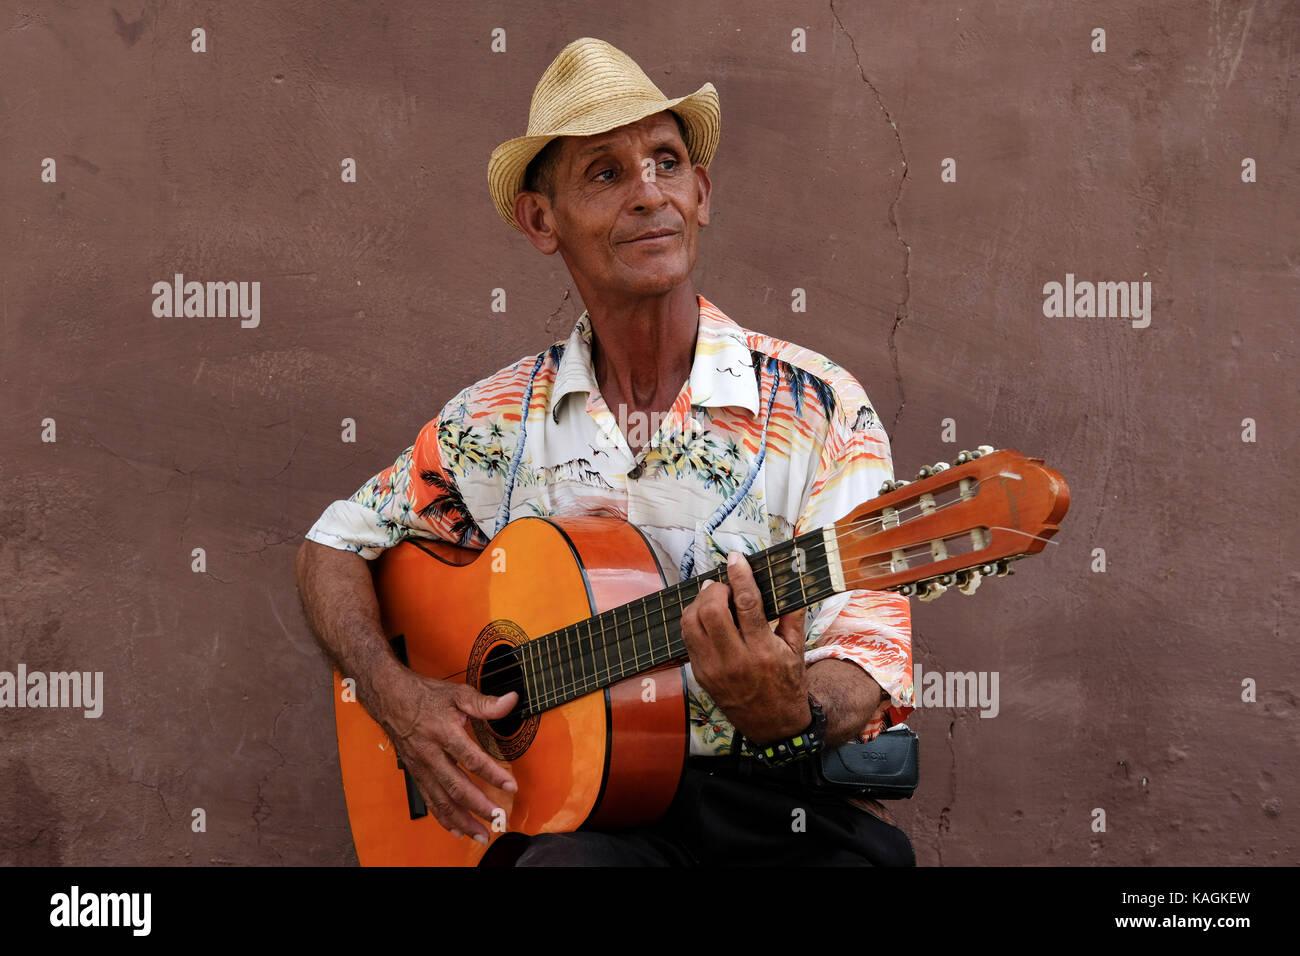 Un hombre cubano juega su guitarra en un lado de la calle en el centro de la ciudad de Trinidad, Cuba. Imagen De Stock